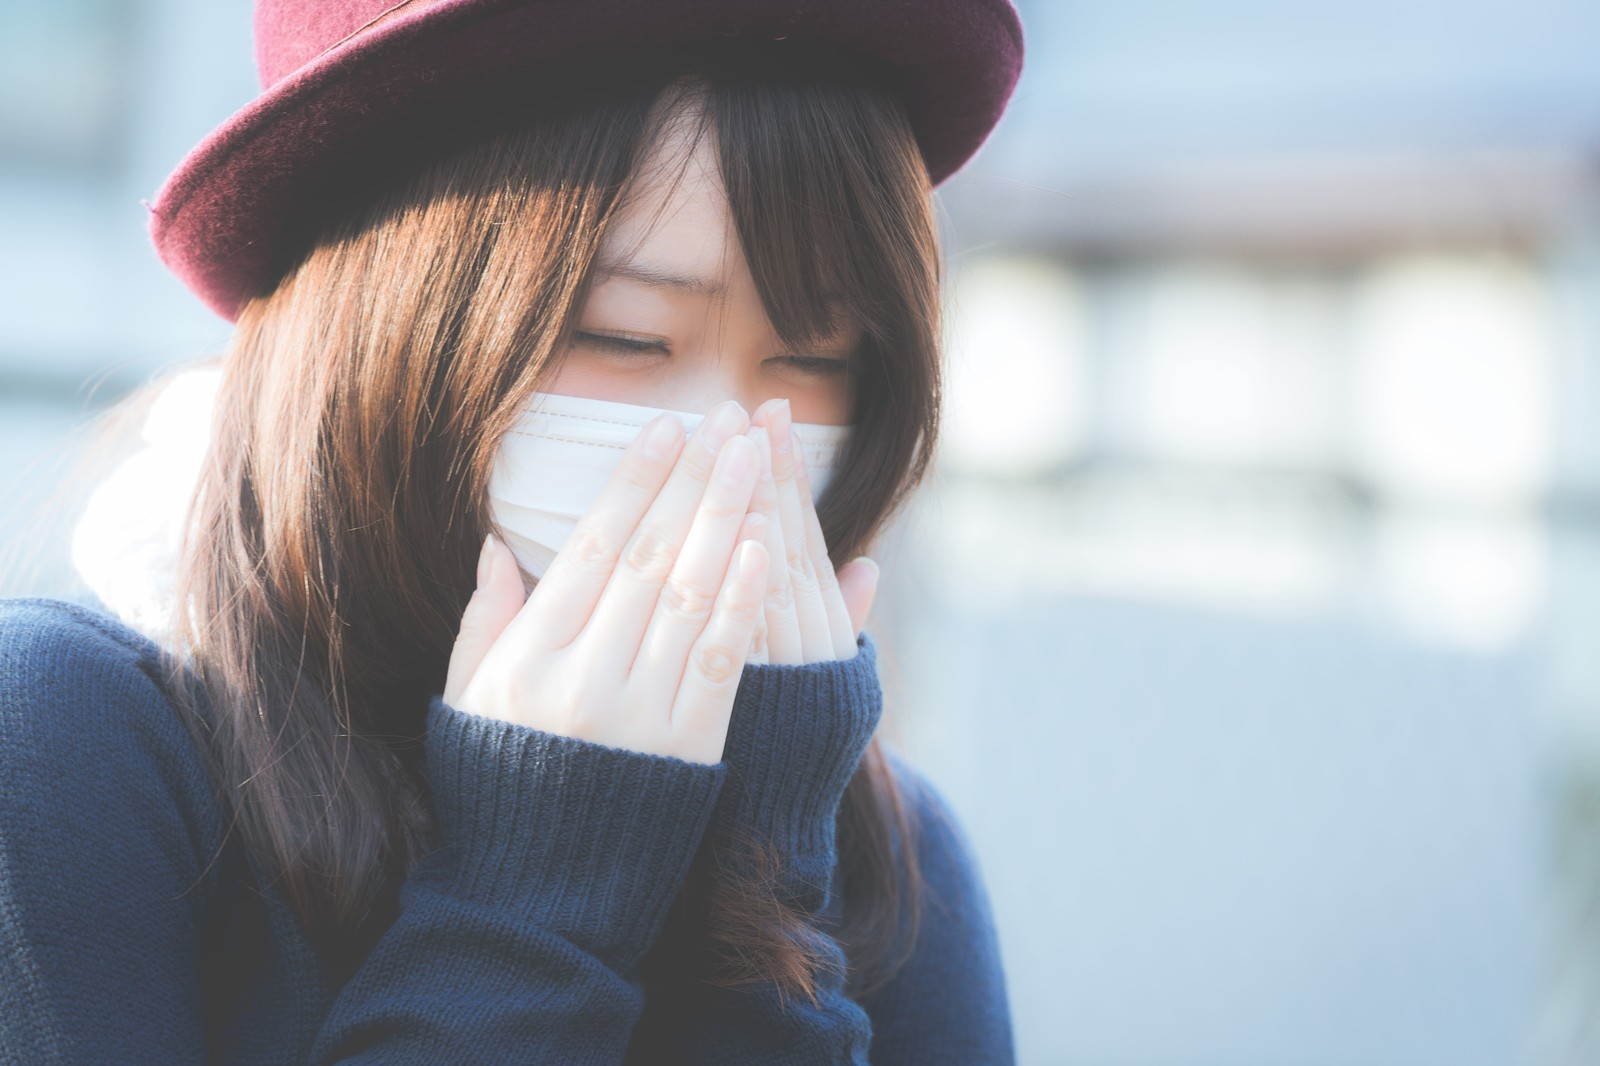 インフルエンザ要注意法!